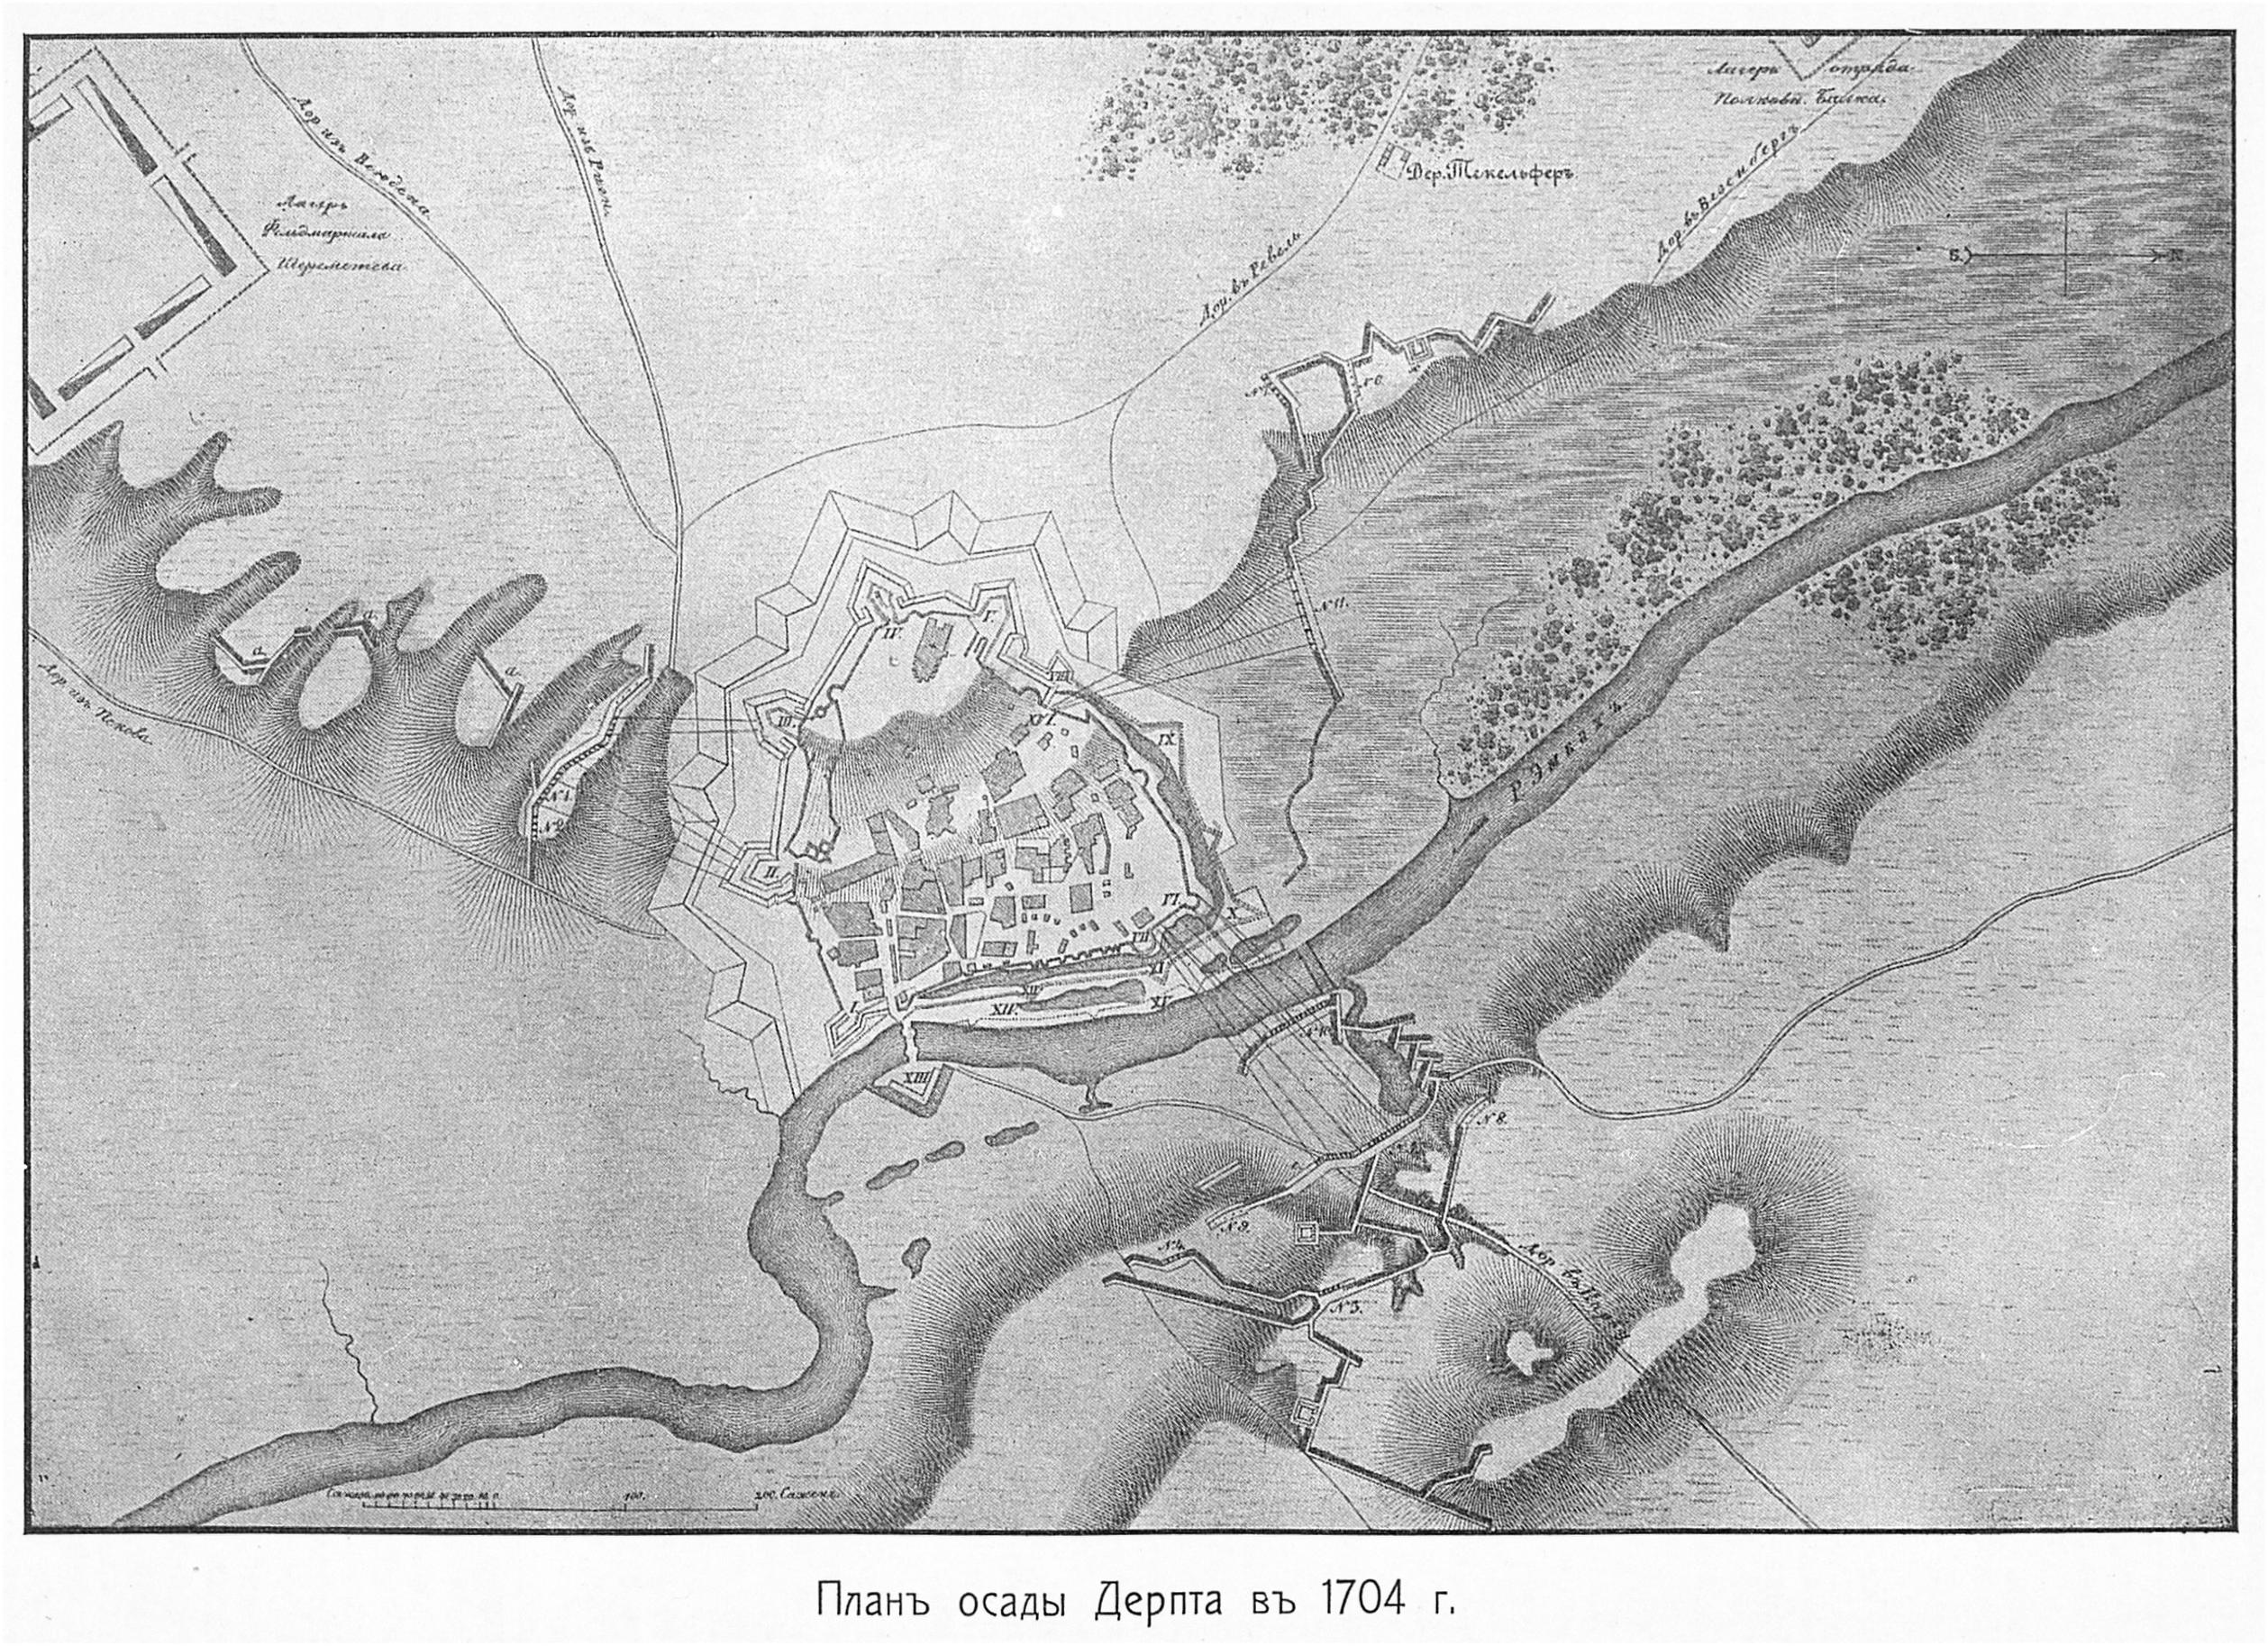 Осада дерпта в 1704 году